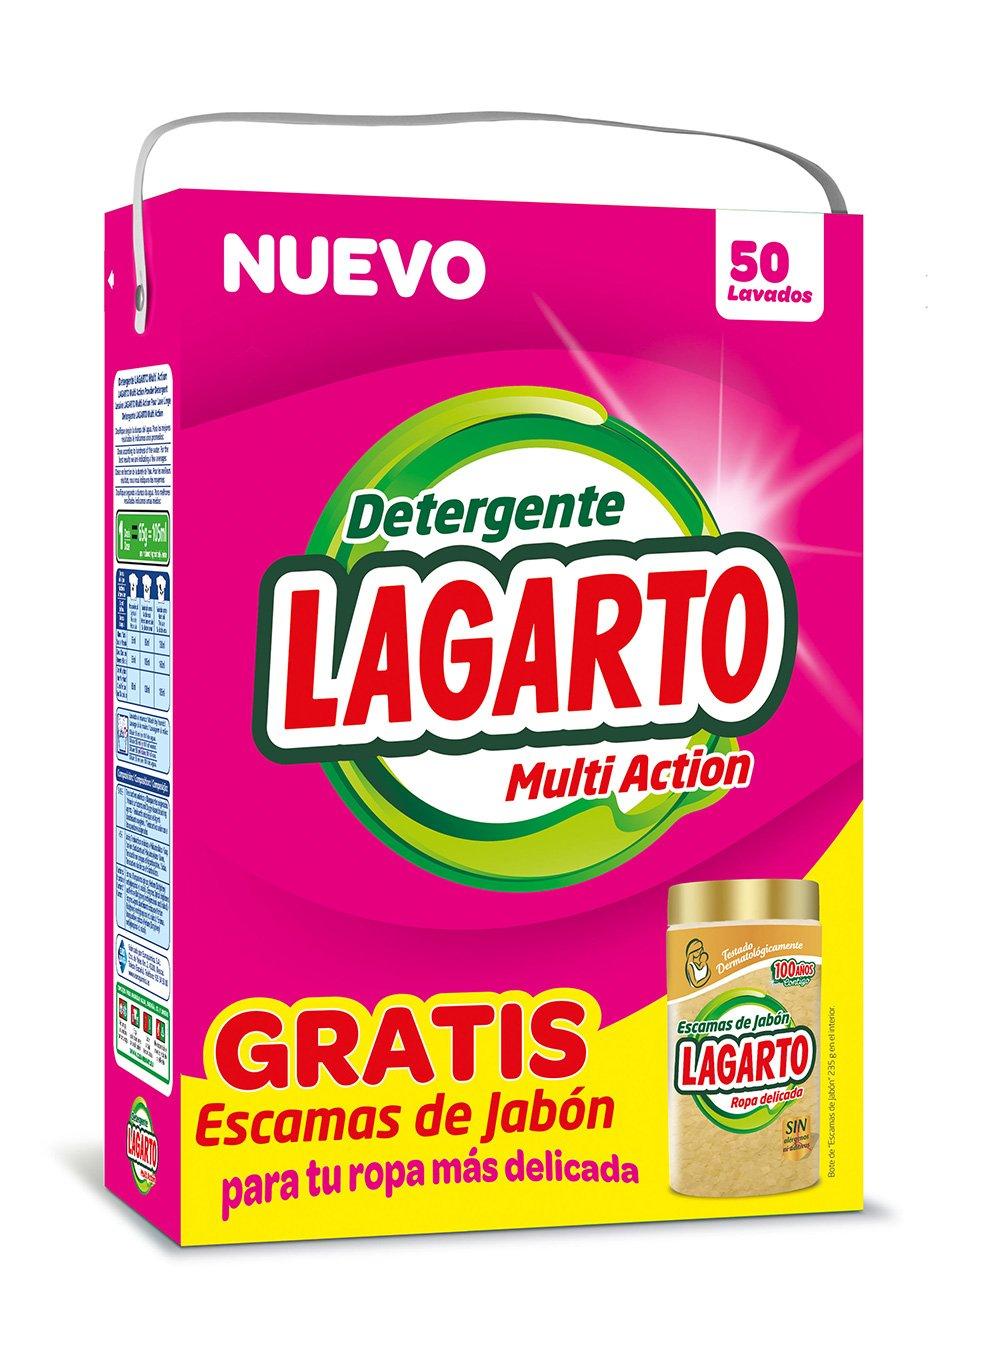 Lagarto Detergente En Polvo Para Lavadora 50 Lavados Bote  ~ Mejor Detergente Lavadora Calidad Precio